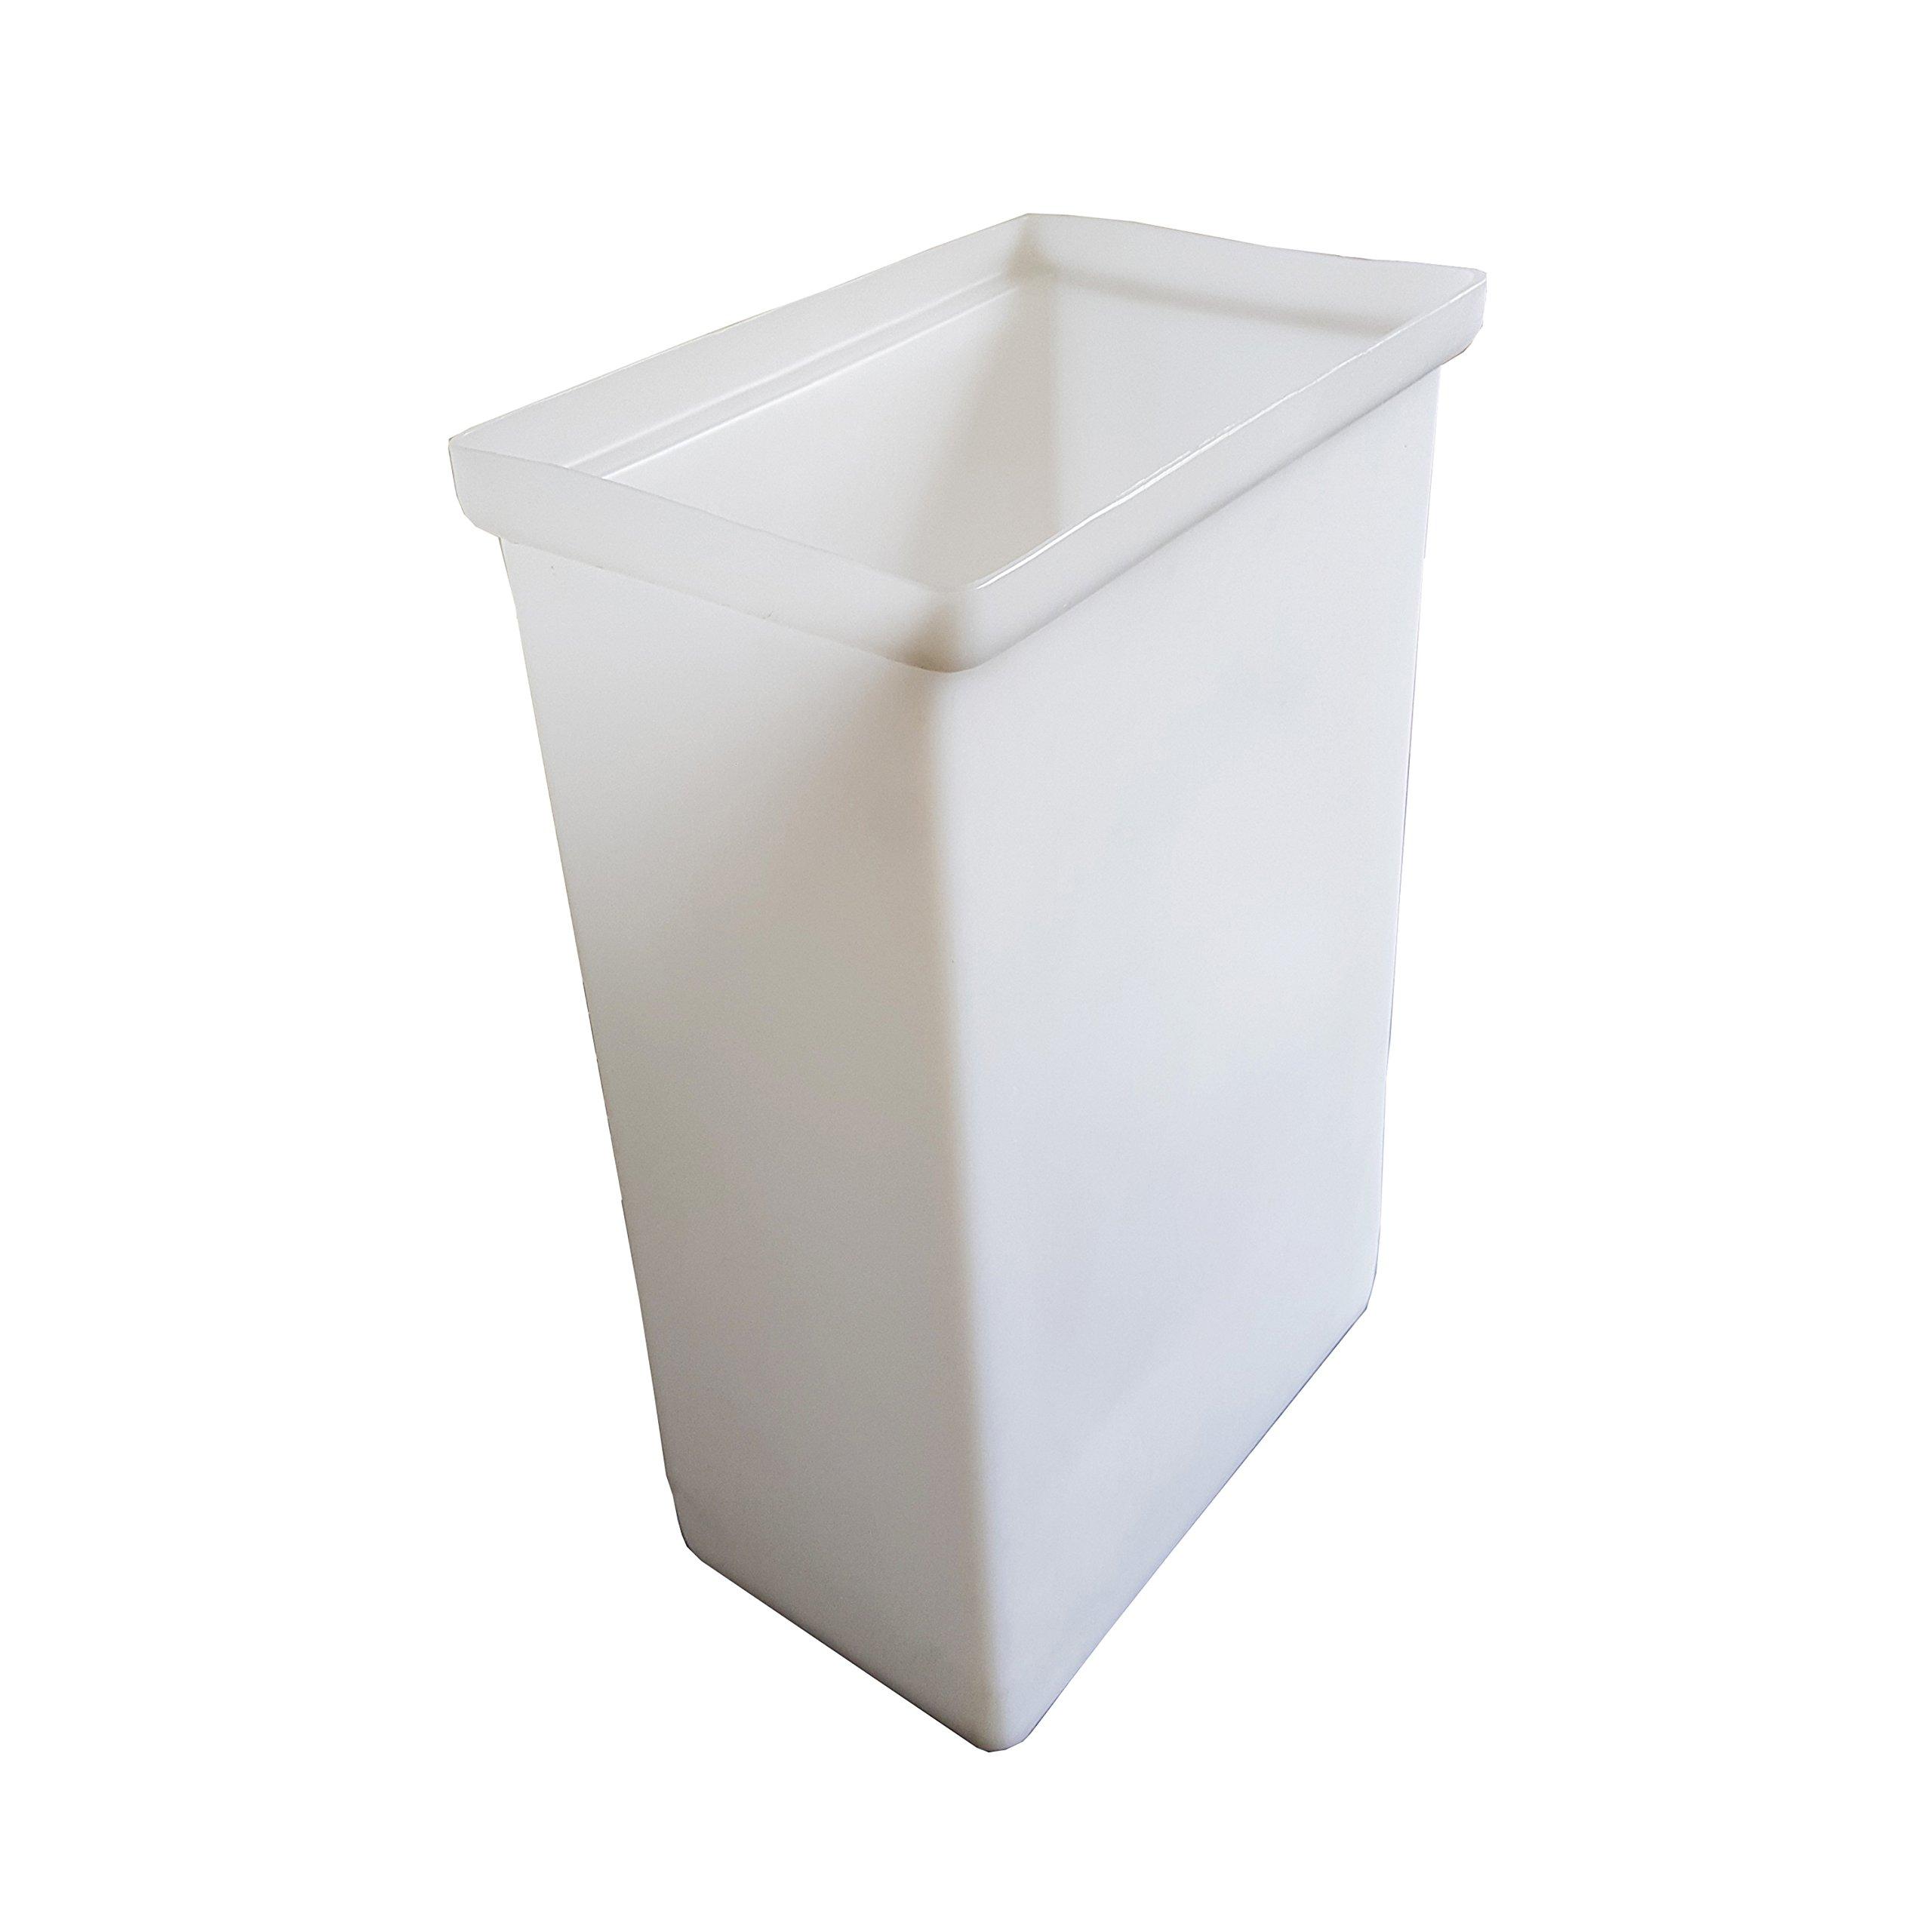 Winholt 148BIN-WH Ingredient Bin, 9 1/4'' Width x 14 5/8'' Length x 23 1/4'' Height, White